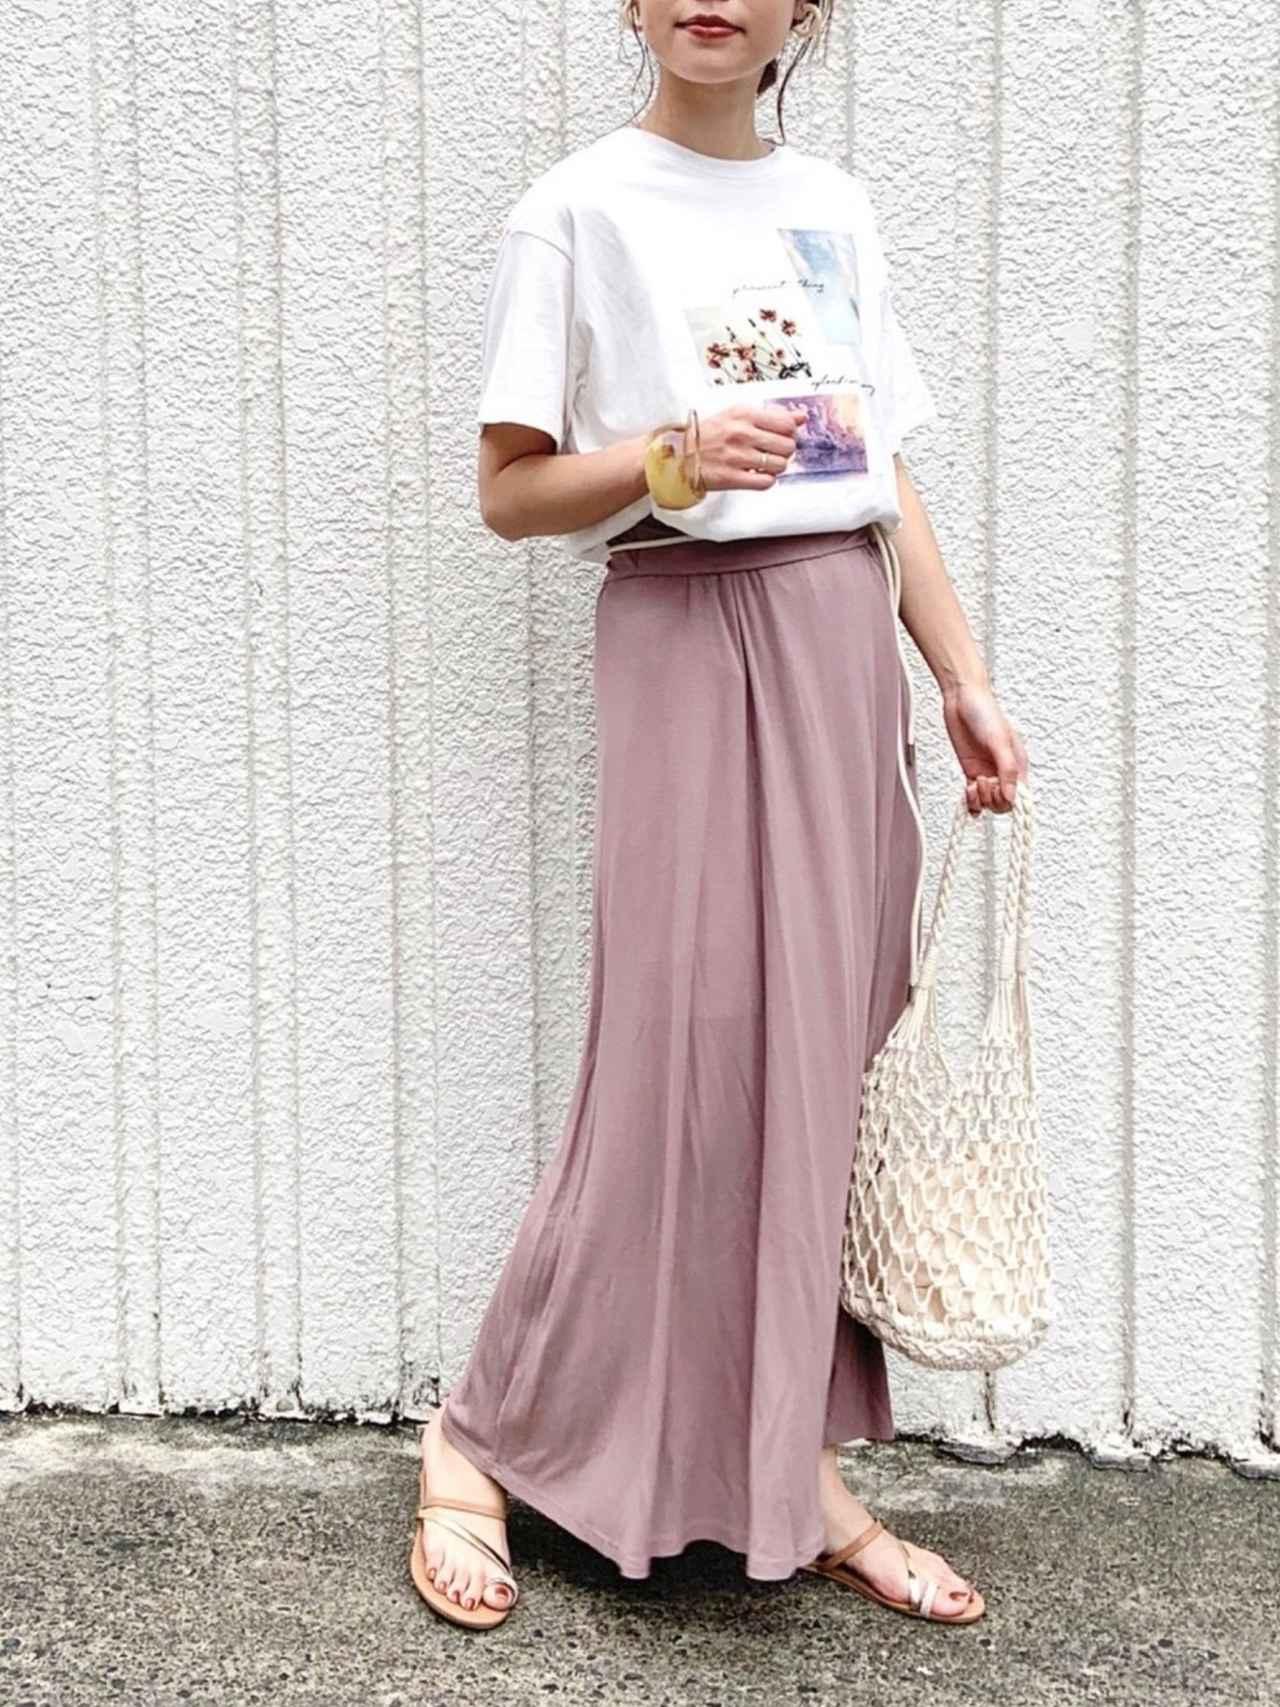 画像: 【 frames RAY CASSIN】Tシャツ ¥3,839(税込)【 frames RAY CASSIN】スカート ¥4,389(税込)